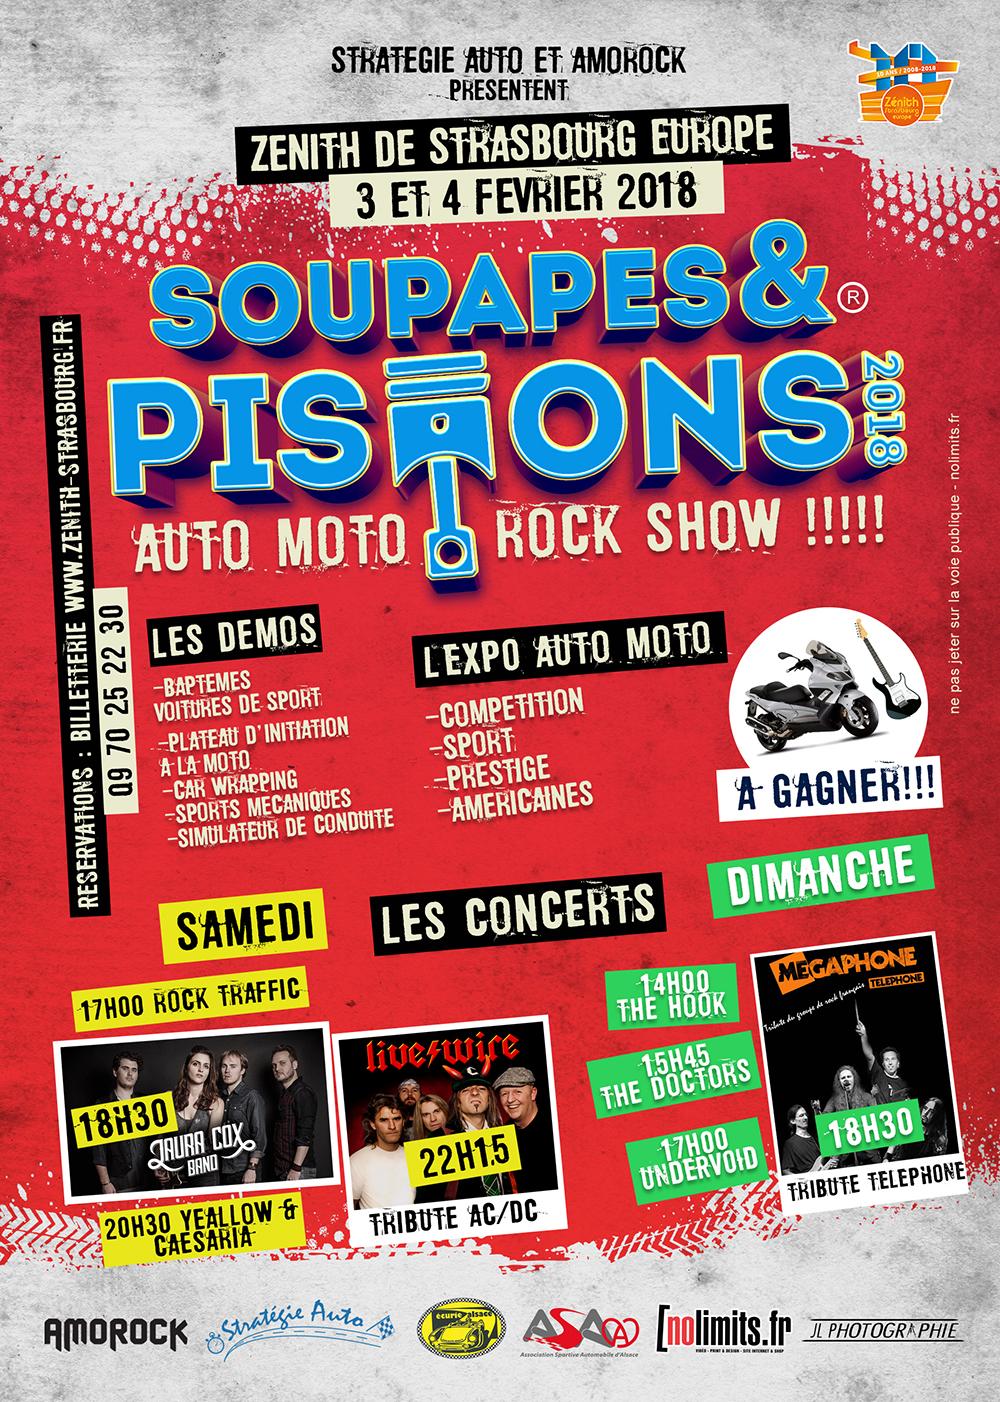 Soupapes et Pistons - Asa Alsace - nolimits.fr